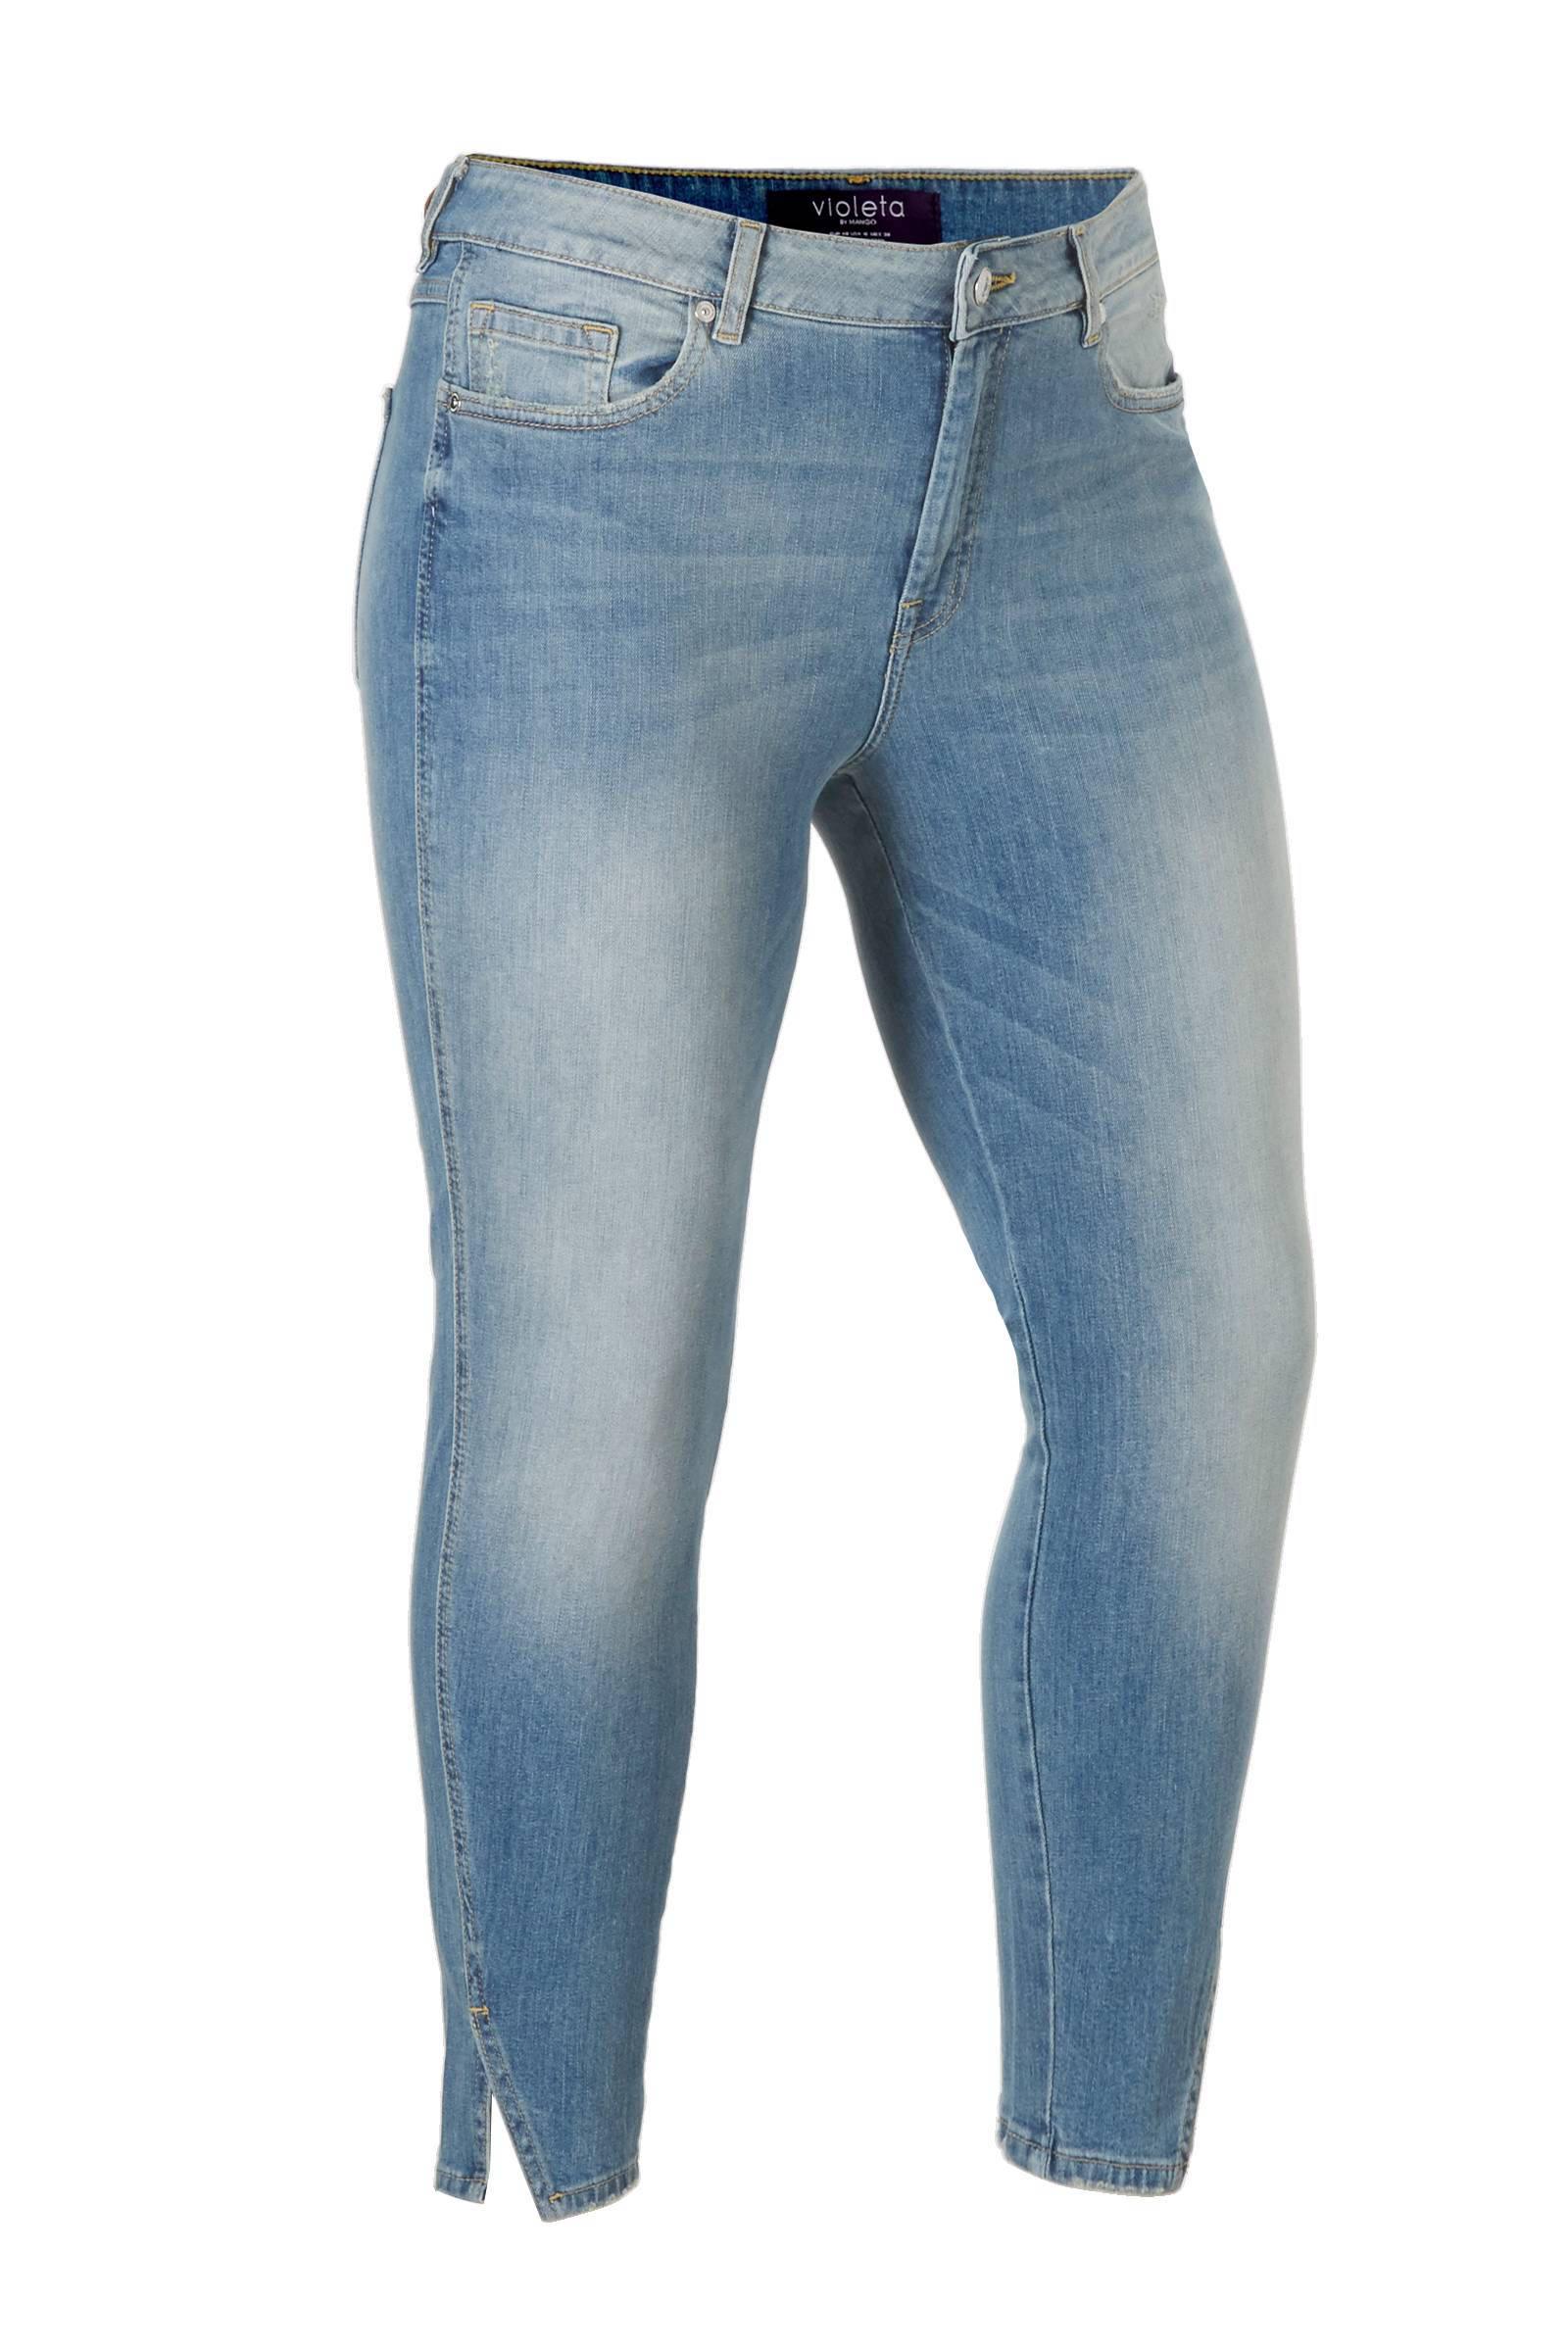 jeans lichtblauw dames